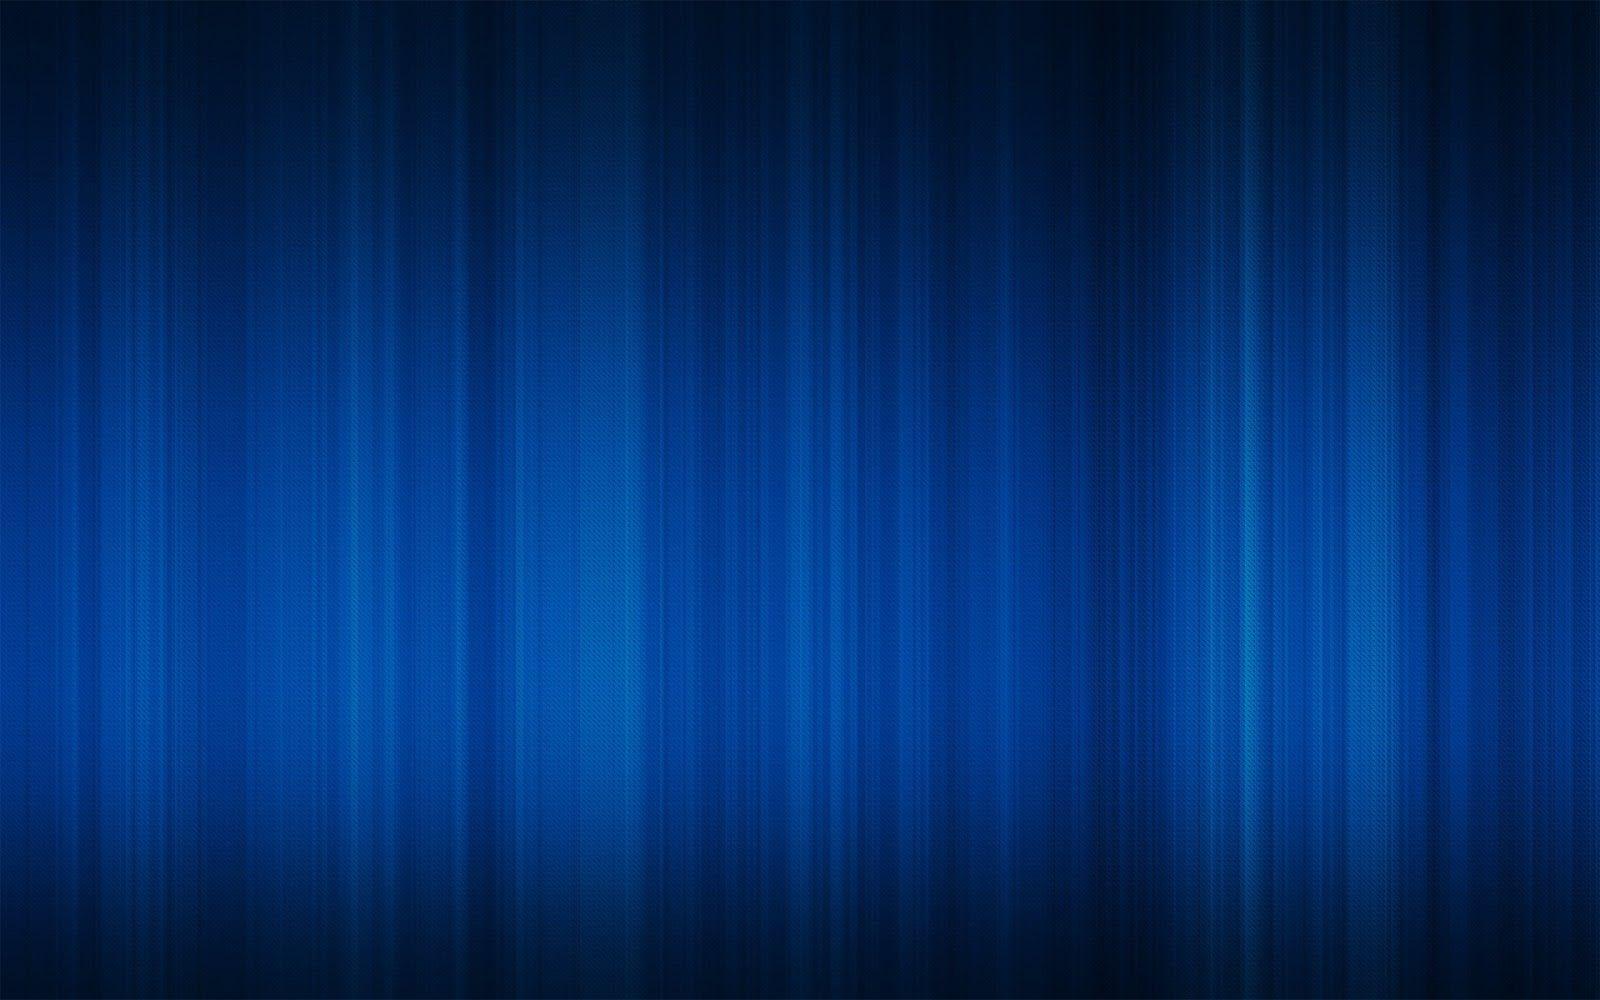 Fondos azules abstractos gratis para fondo celular en hd 17 hd fondos azules abstractos gratis para fondo celular en hd 17 hd wallpapers voltagebd Image collections